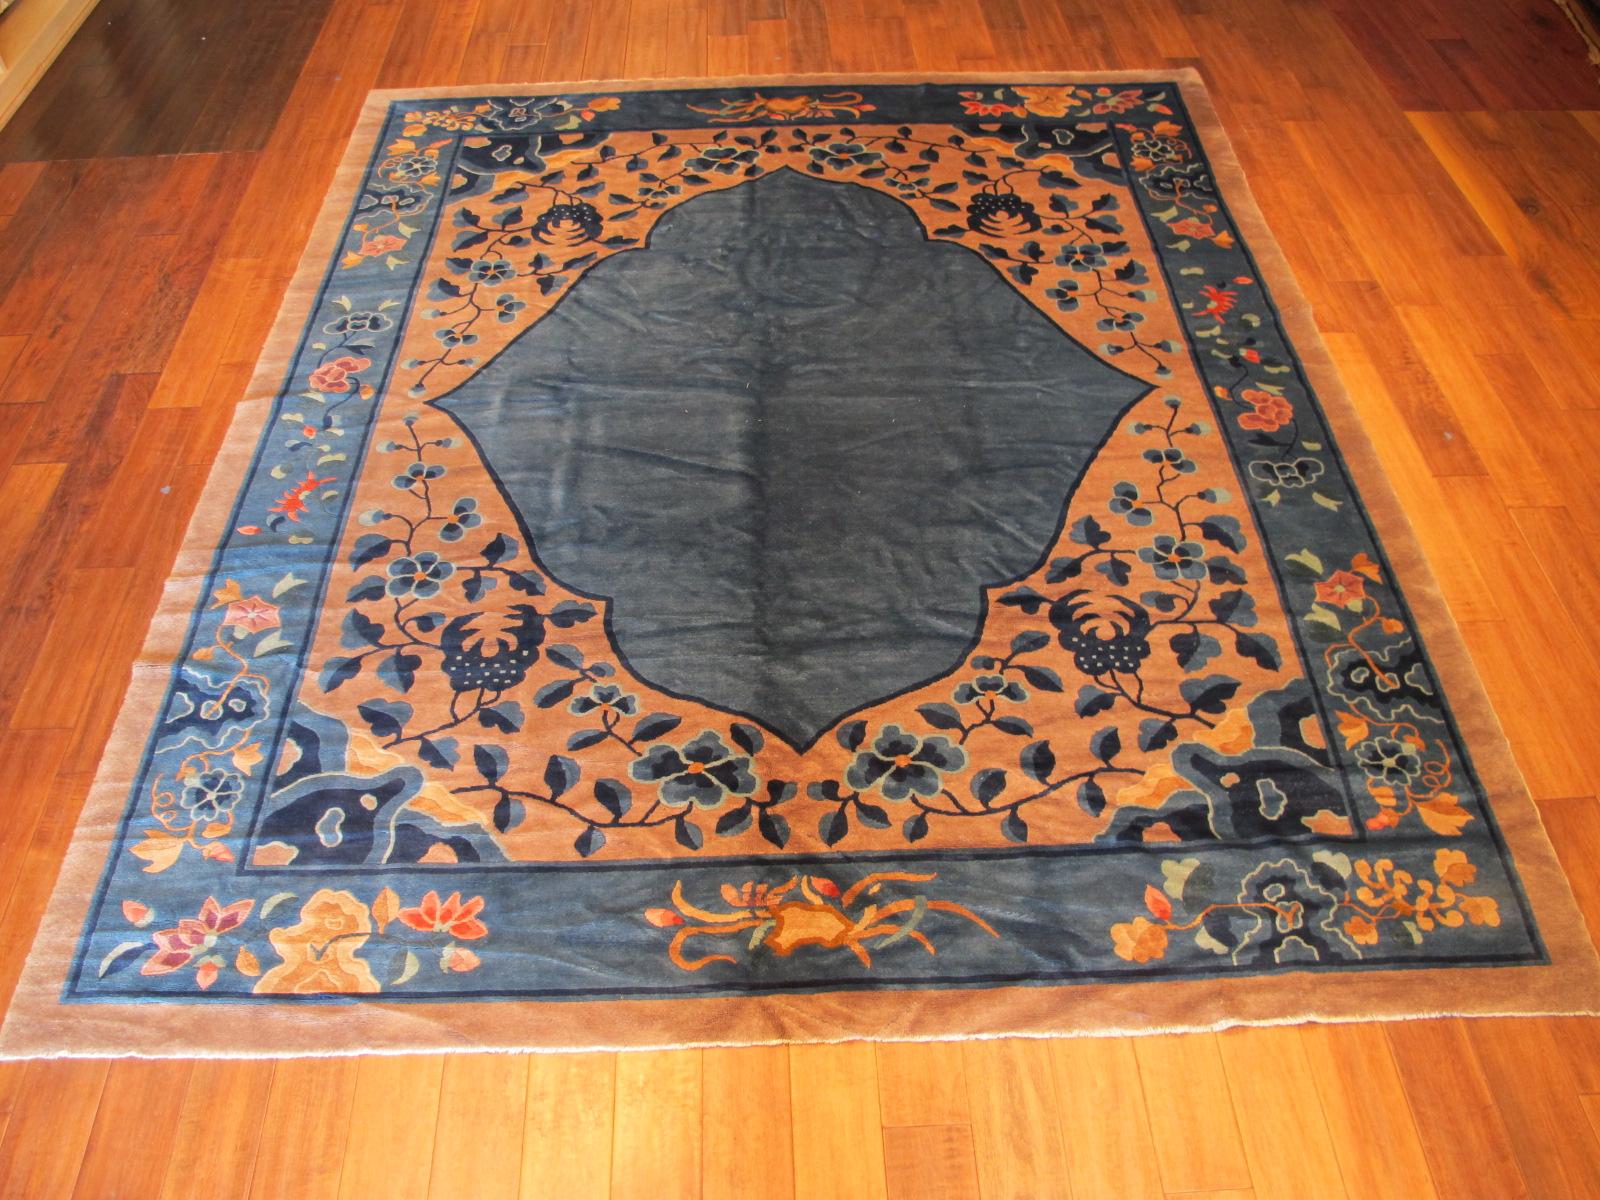 Antique Chinese Peking Carpet | Circa 1920